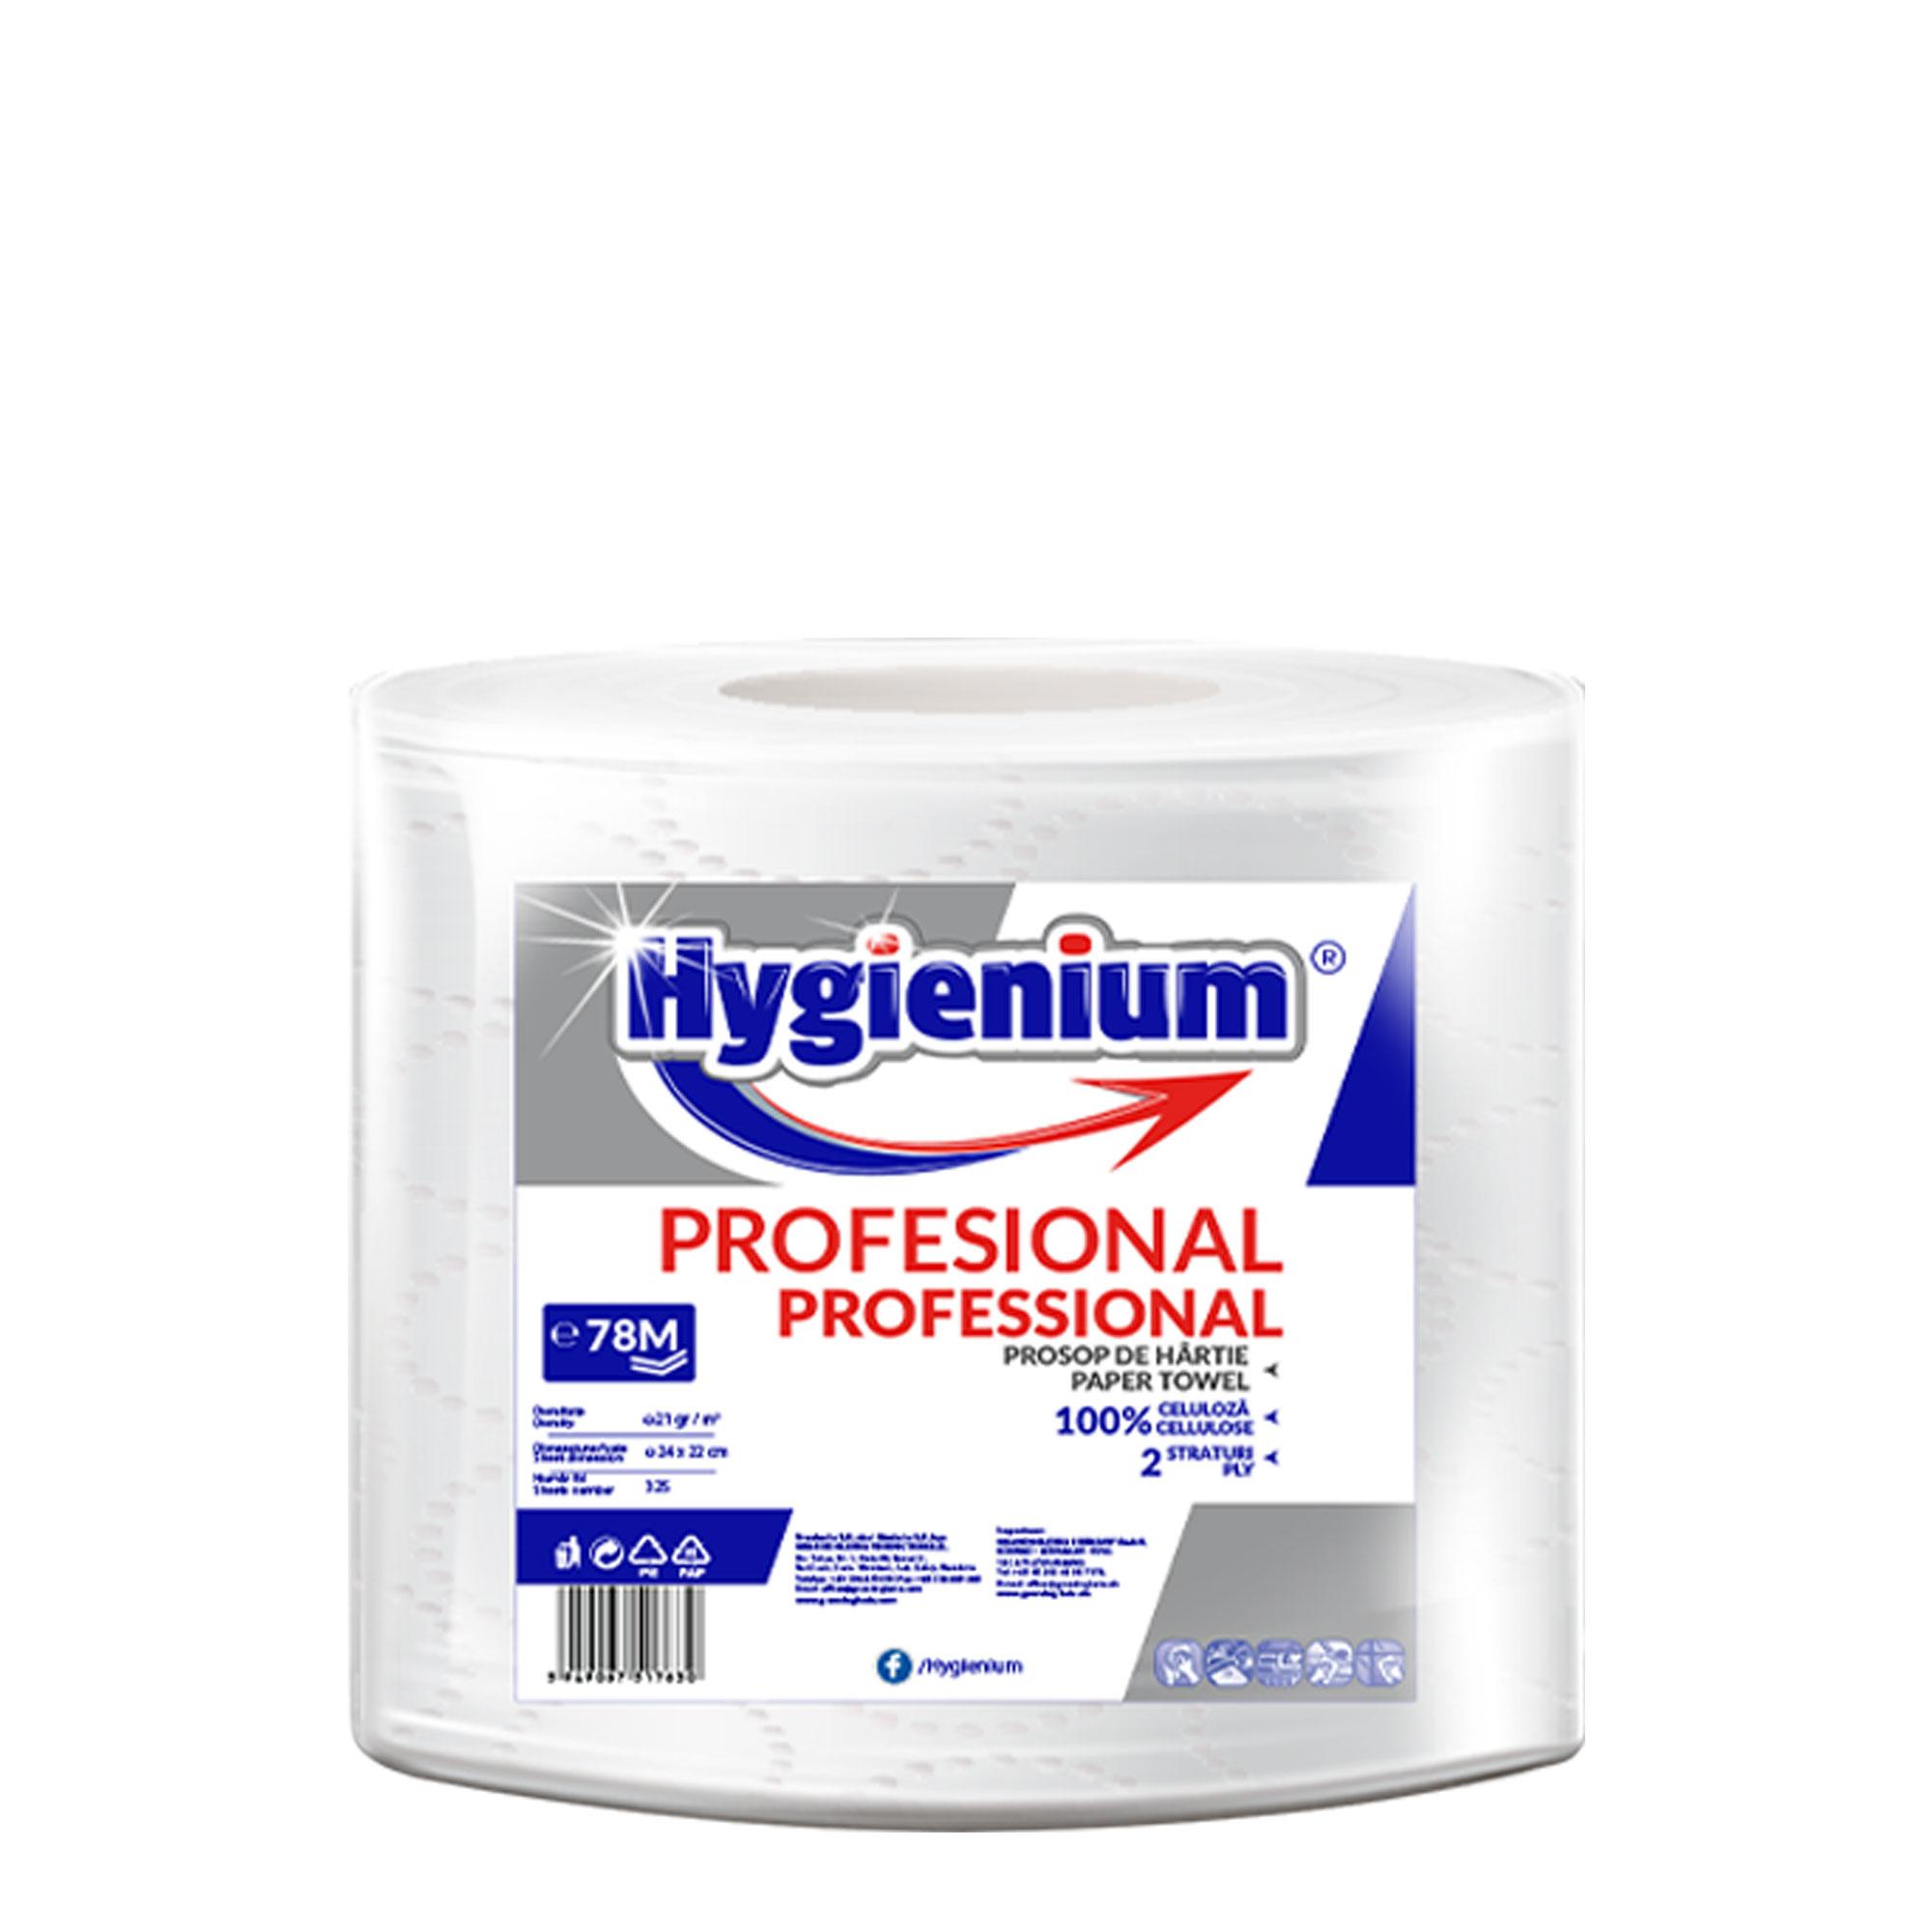 Toalha de papel Hygienium Professional 78 M